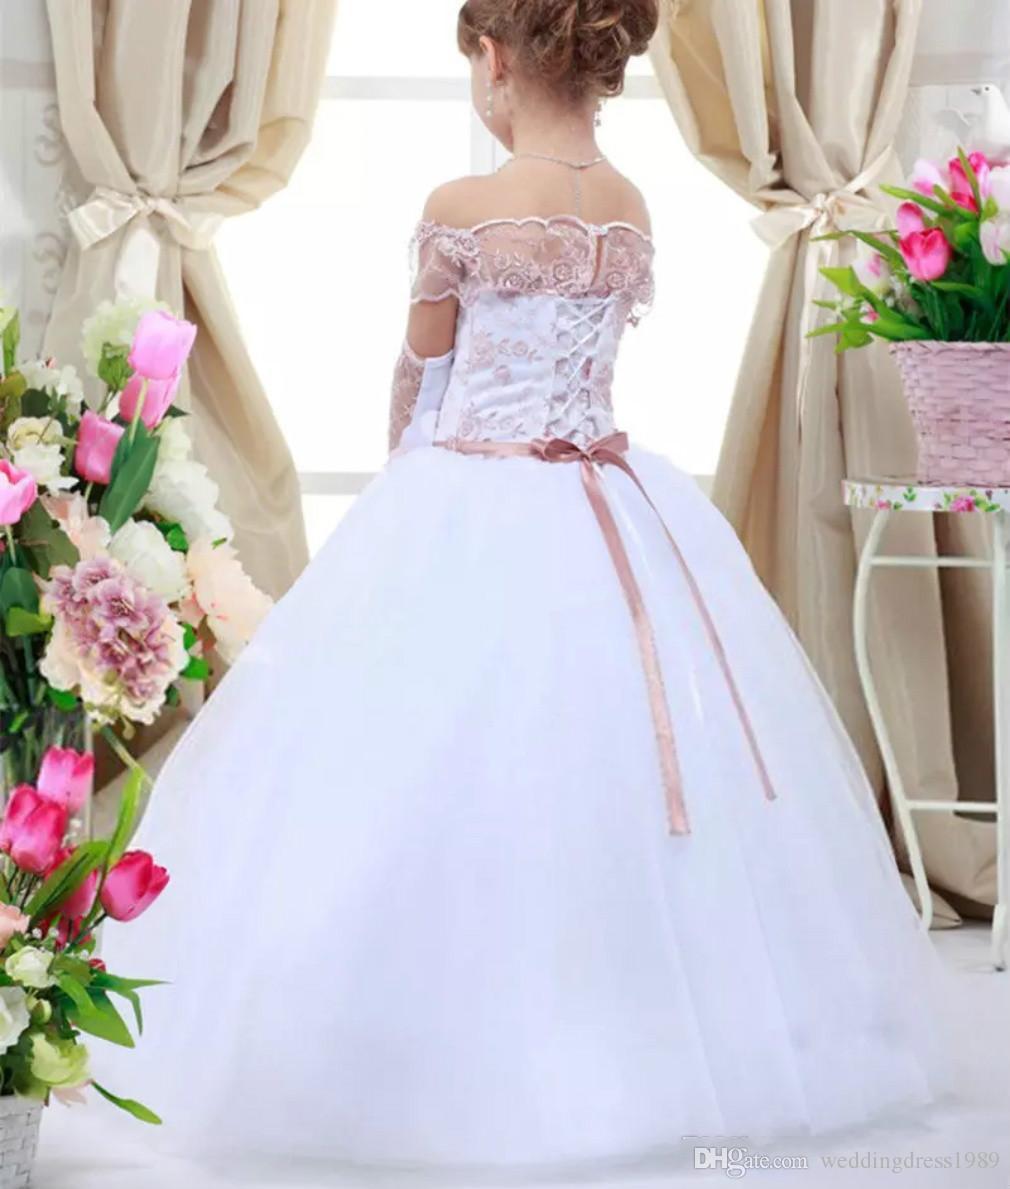 2018 Yeni Prenses Küçük Kızlar Pageant Elbise Balo Beyaz Tül Çiçek Kız Düğün için Elbise Nakış Ucuz Parti Törenlerinde CS021